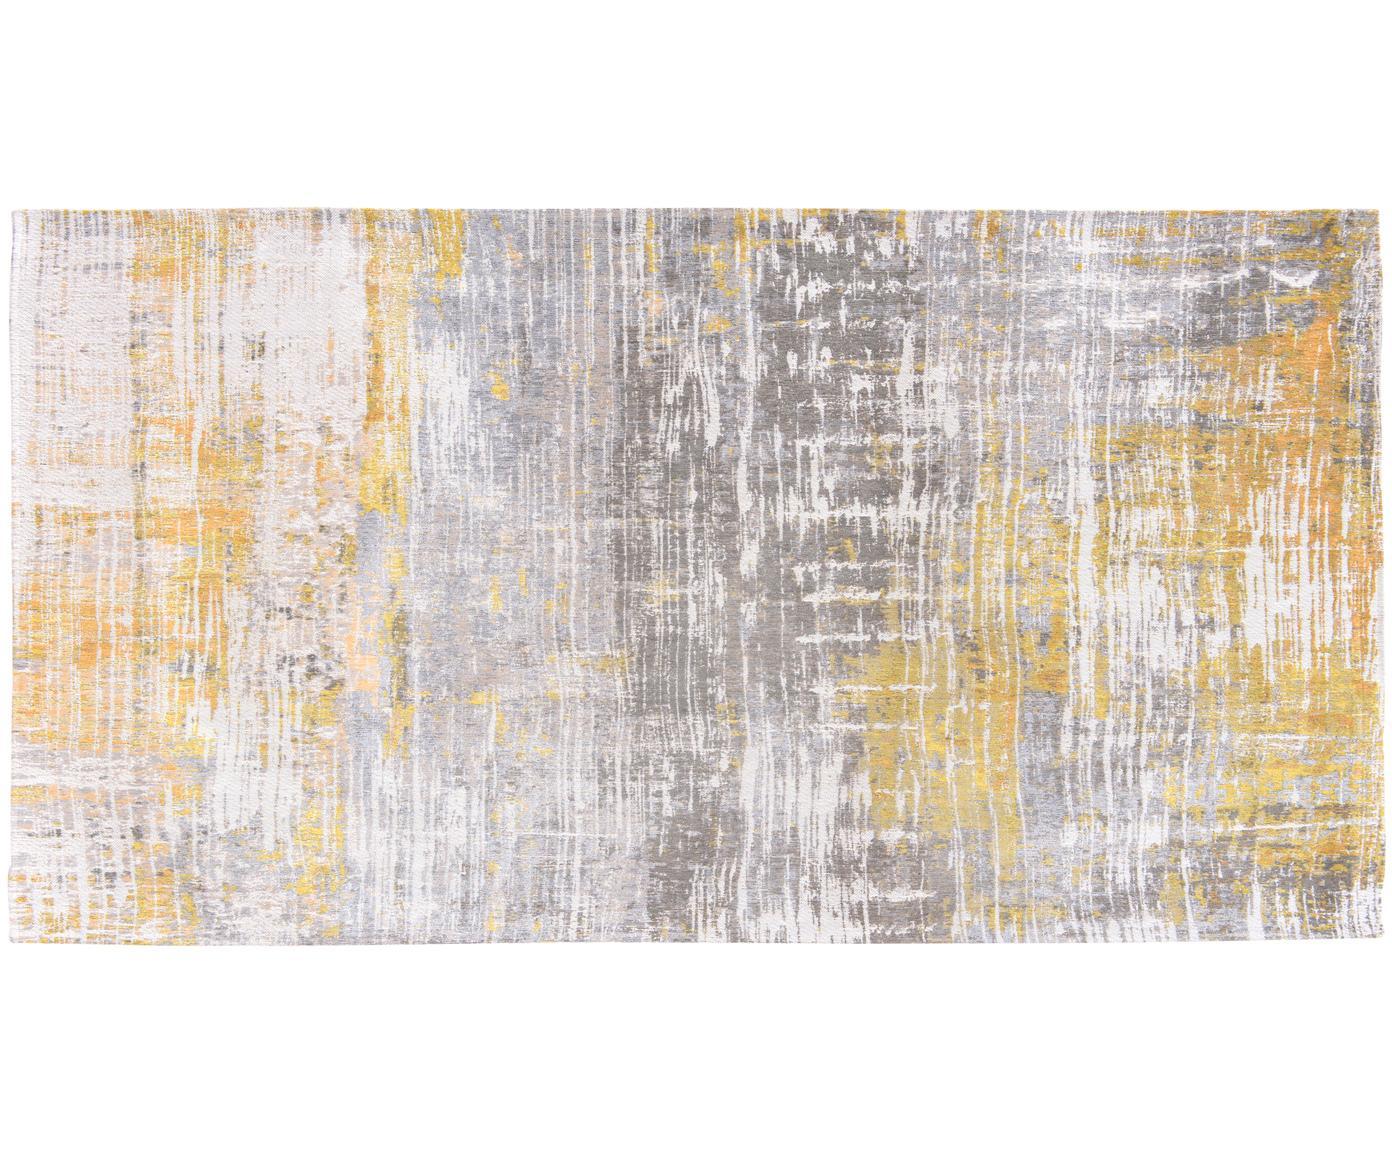 Design vloerkleed Streaks, Bovenzijde: 85%katoen, 15%hoogglanz, Weeftechniek: jacquard, Onderzijde: katoenmix, gecoat met lat, Geel, grijs, wit, B 80 x L 150 cm (maat XS)